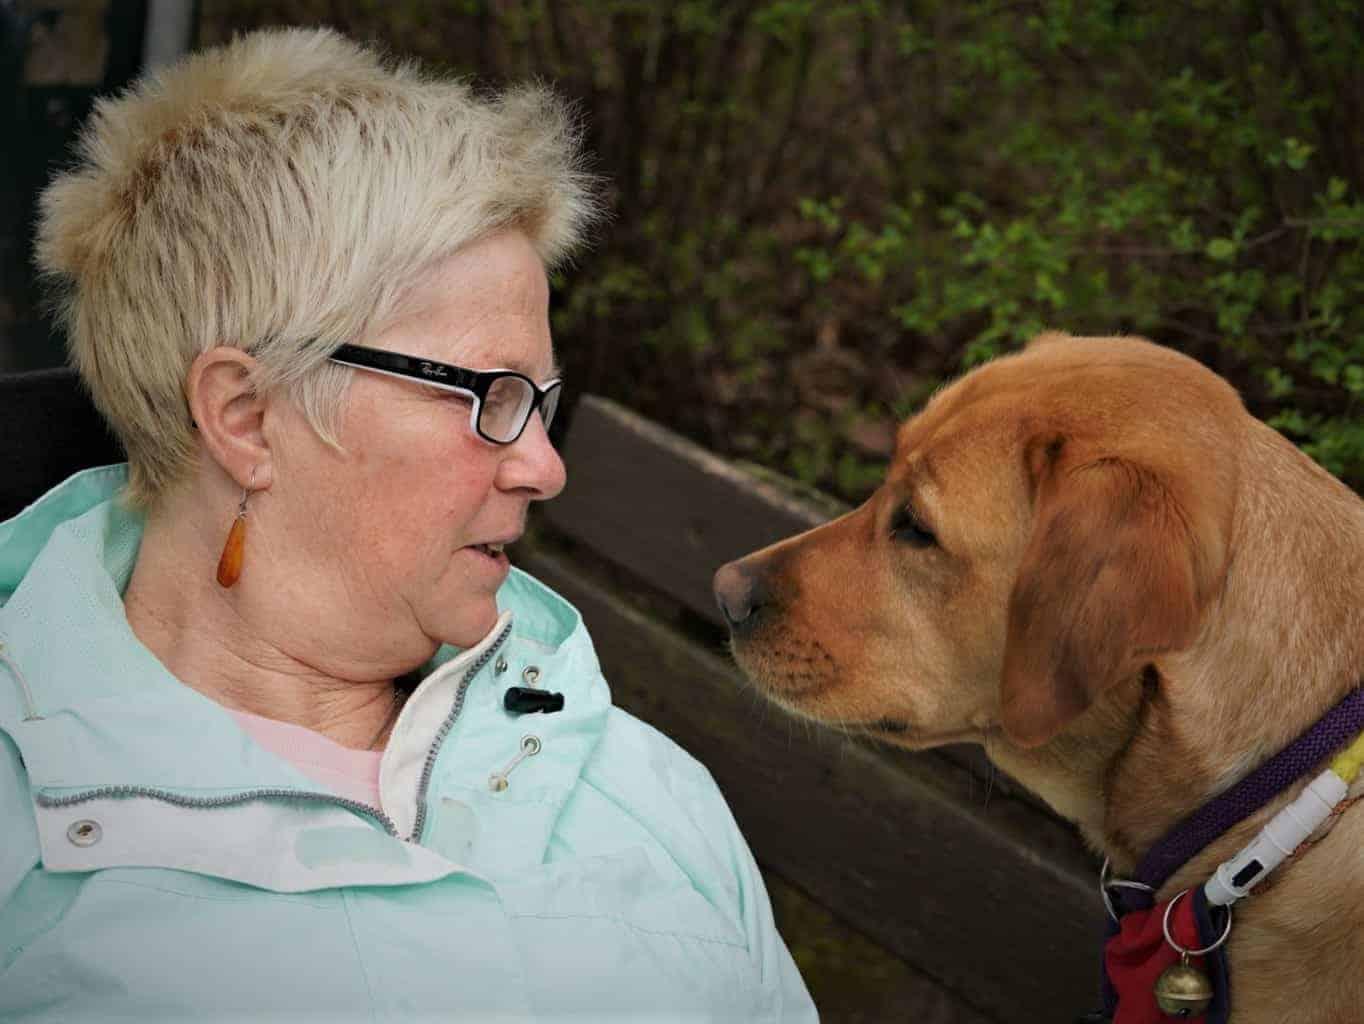 Foto Hund und Halterin auf Bank :: Auf dem Foto schauen sich Assistenzhund und seine Halterin auf einer Bank sitzend in die Augen.